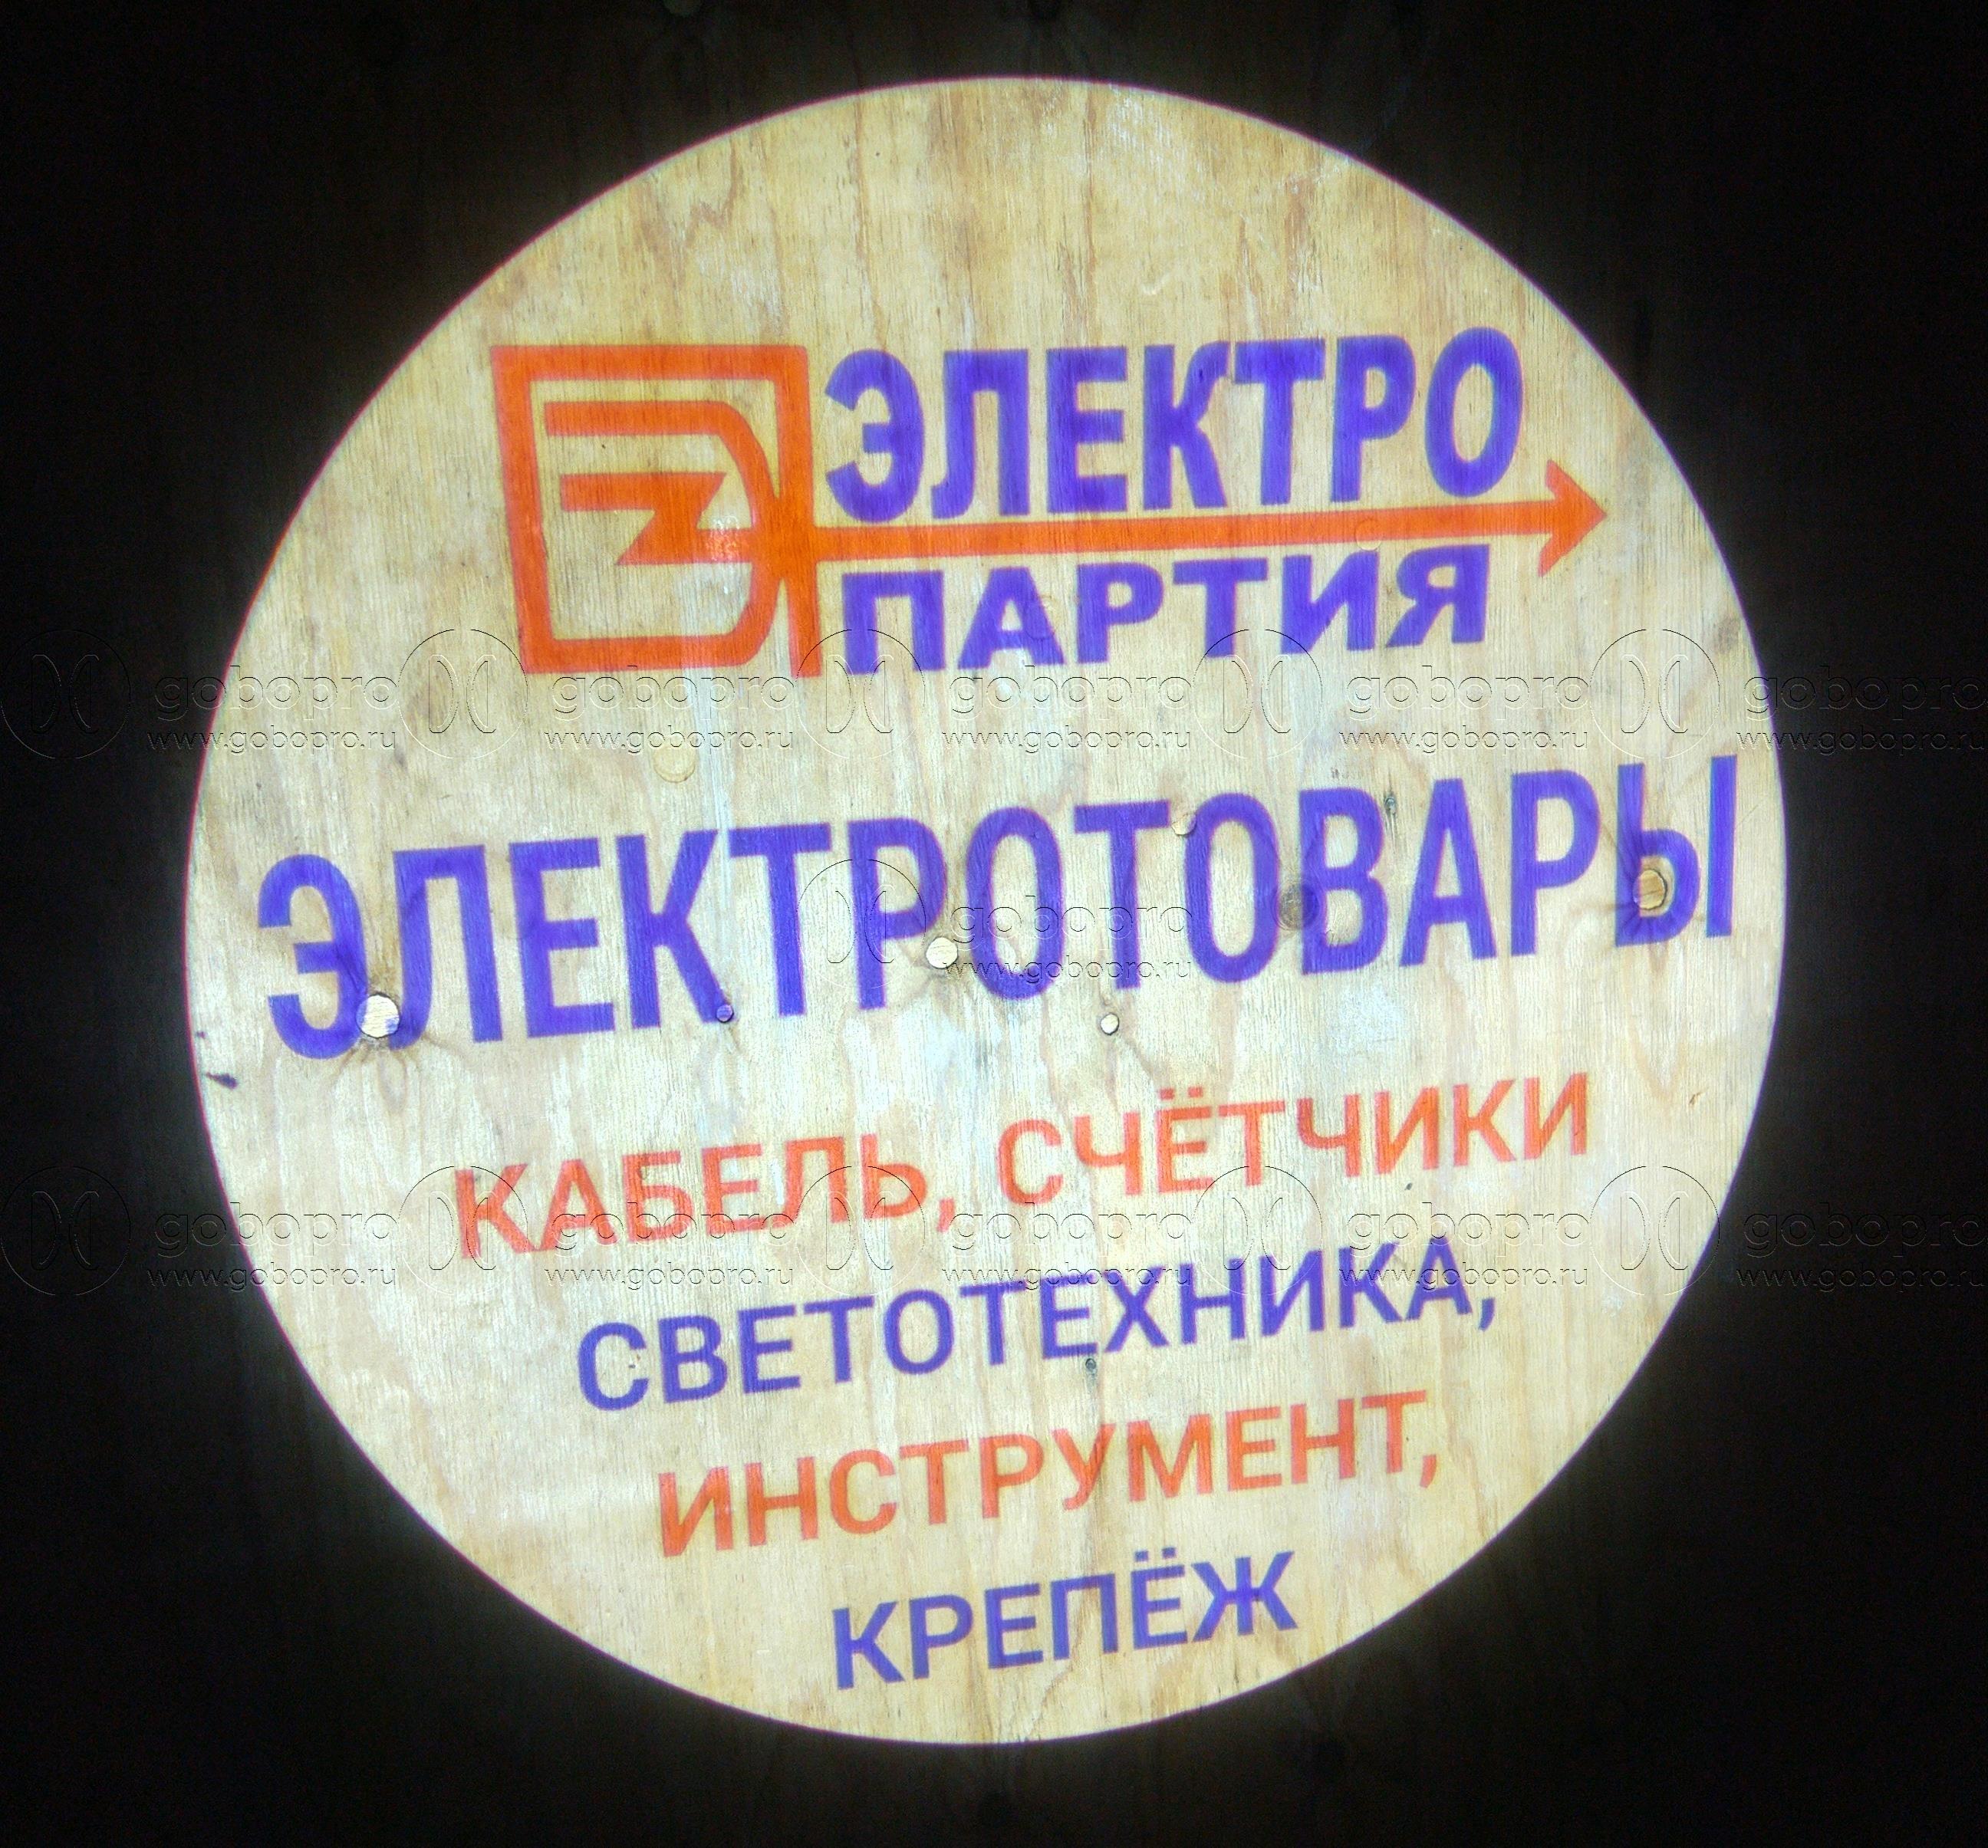 Электротовары Белгород